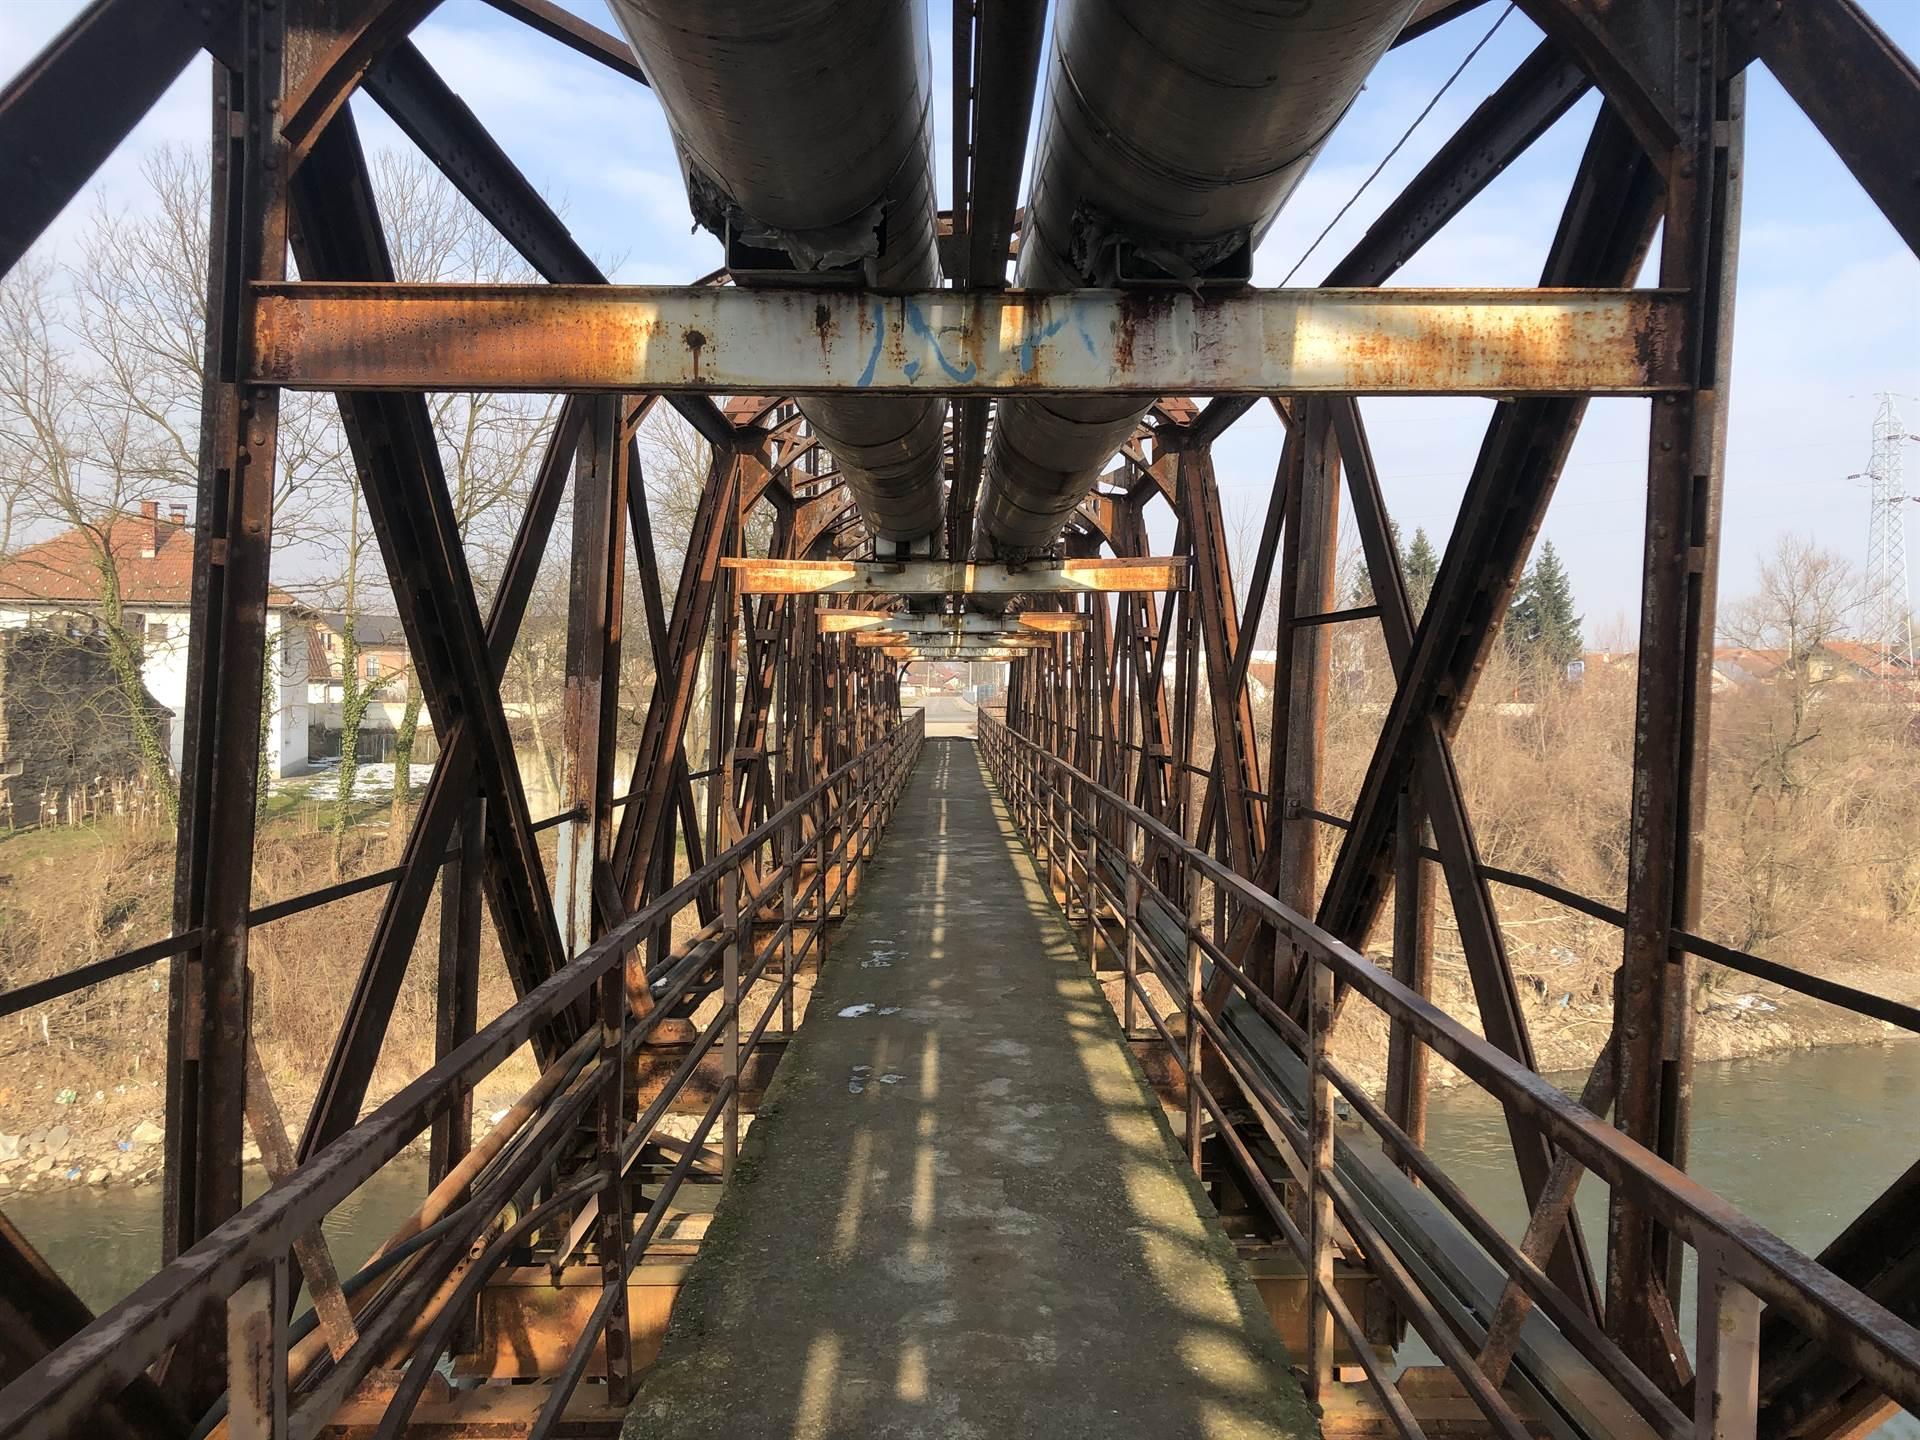 Zaboravljene žrtve: Rijetki su preživjeli strijeljanje na Željeznom mostu kod Doboja